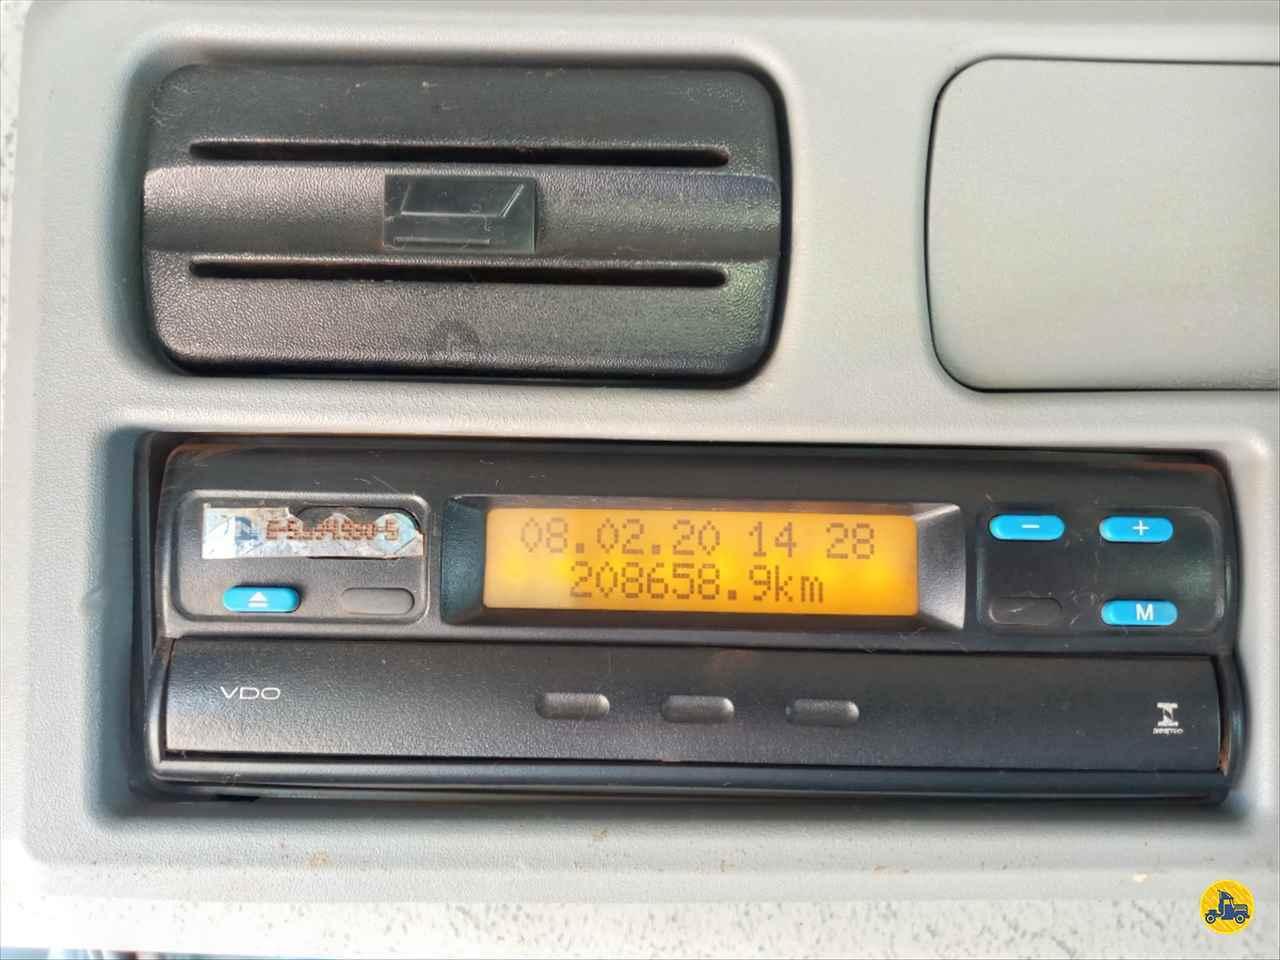 MERCEDES-BENZ MB 3344 148km 2013/2013 Caminhões Certos